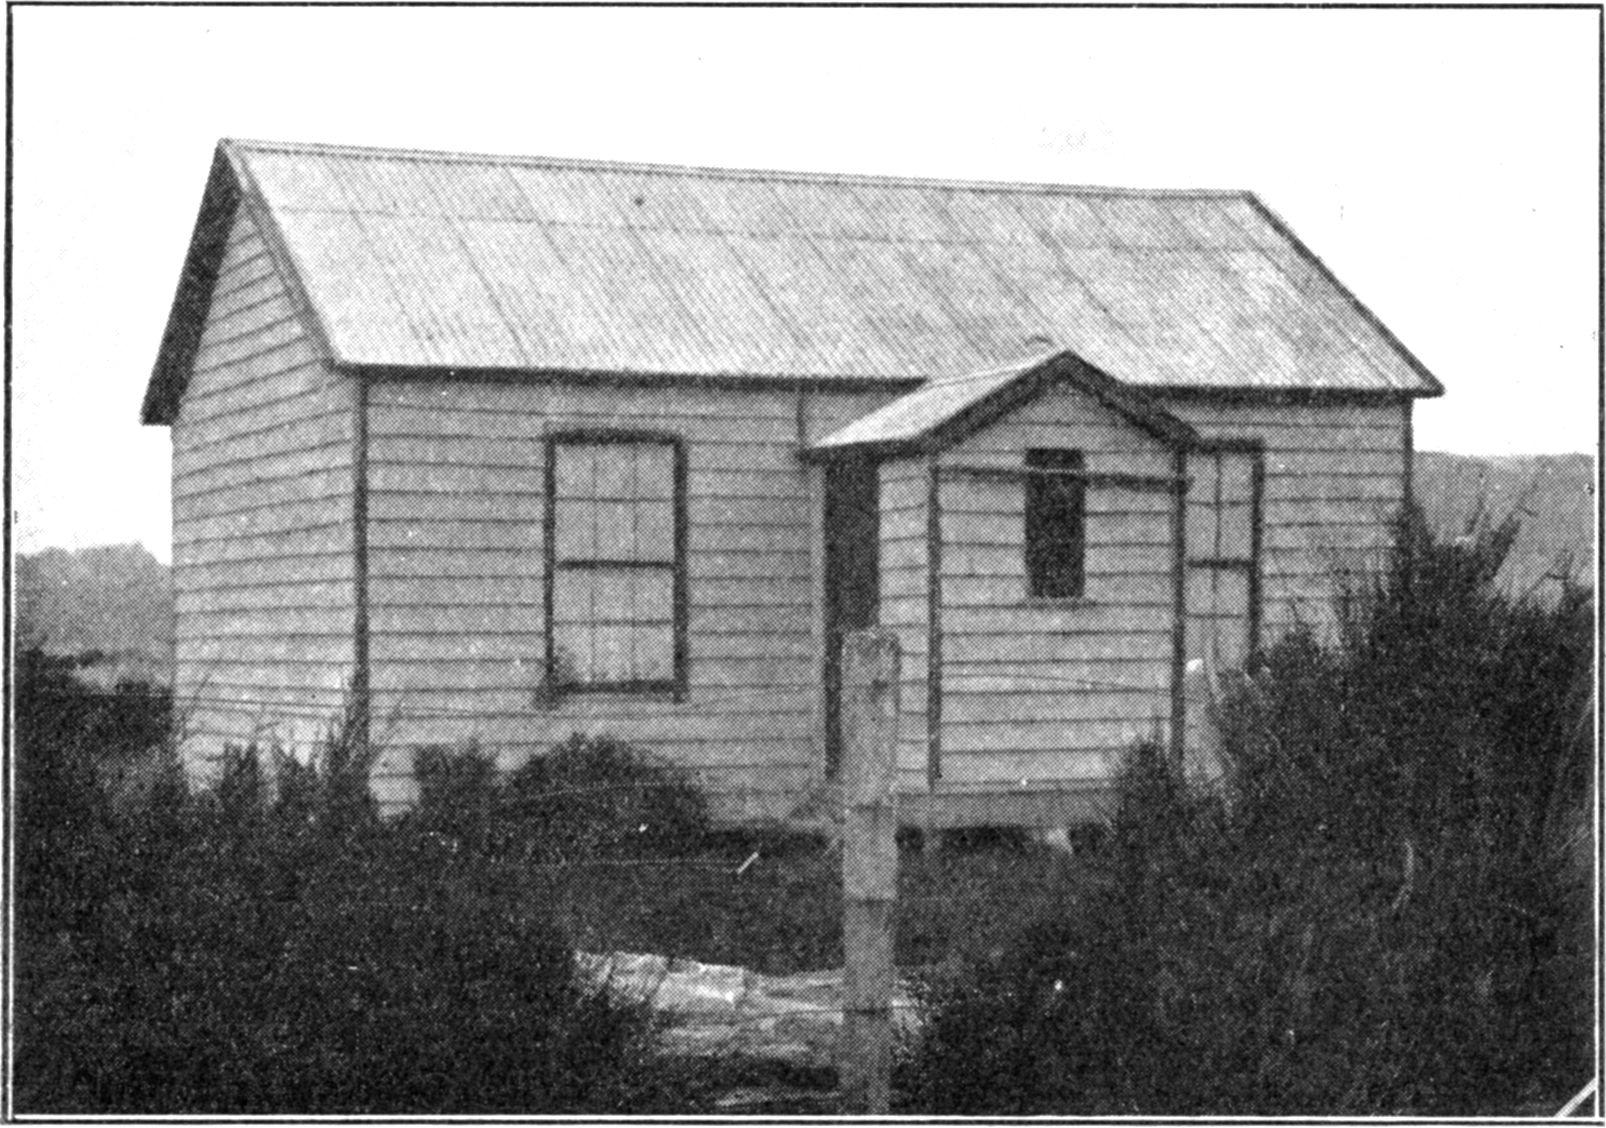 The School House - circa 1870